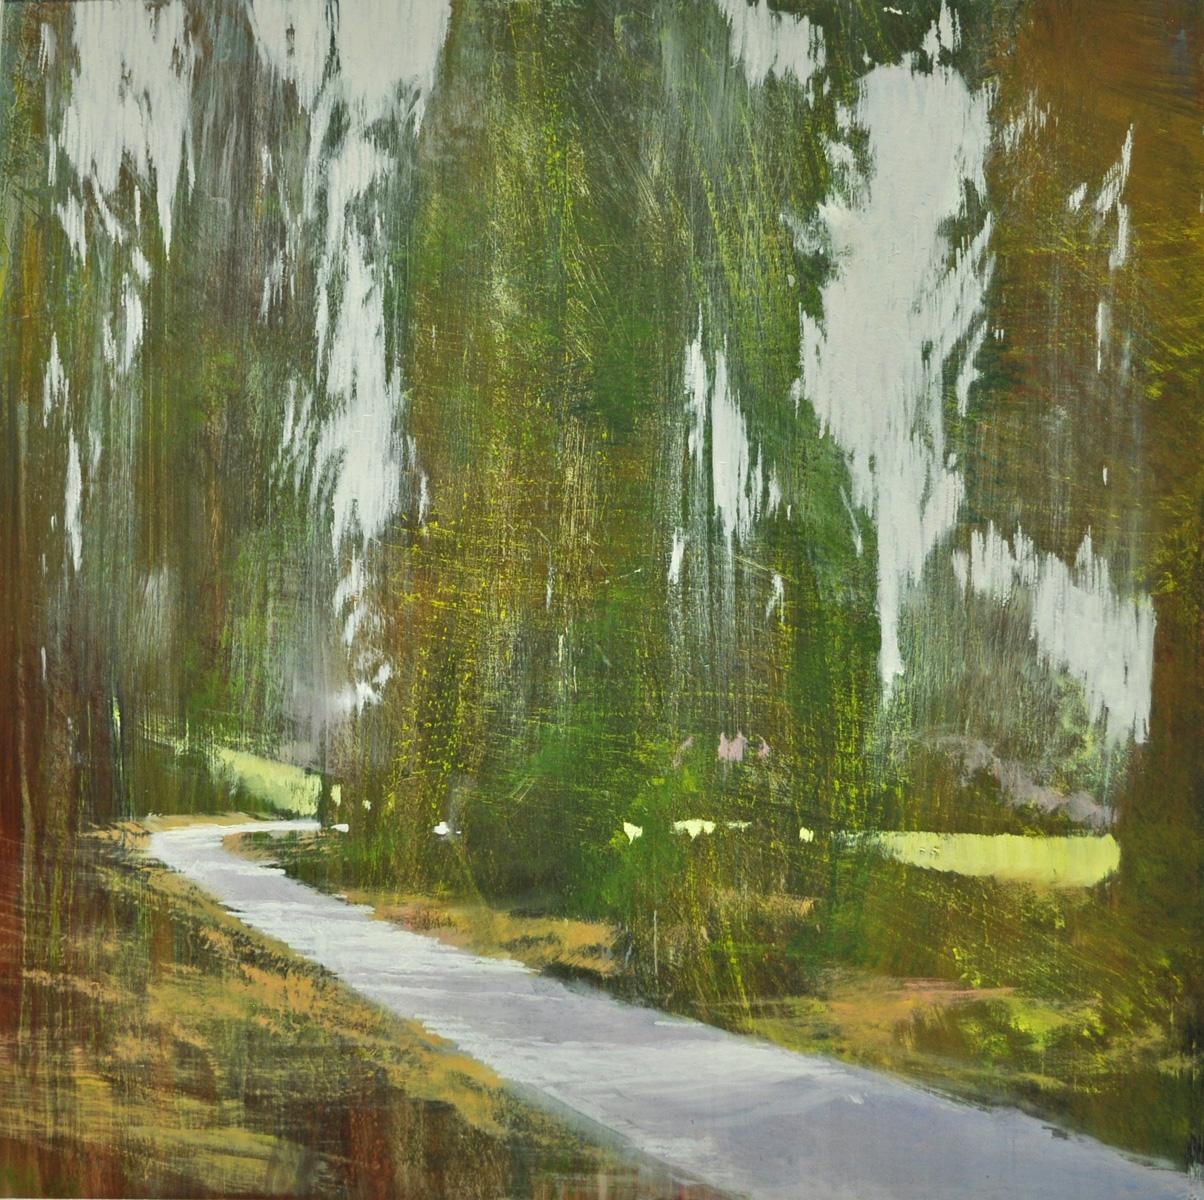 Dunlop_Down The Garden Path_oil and acrylic on aluminum_18x18_2200_edited-1.jpg